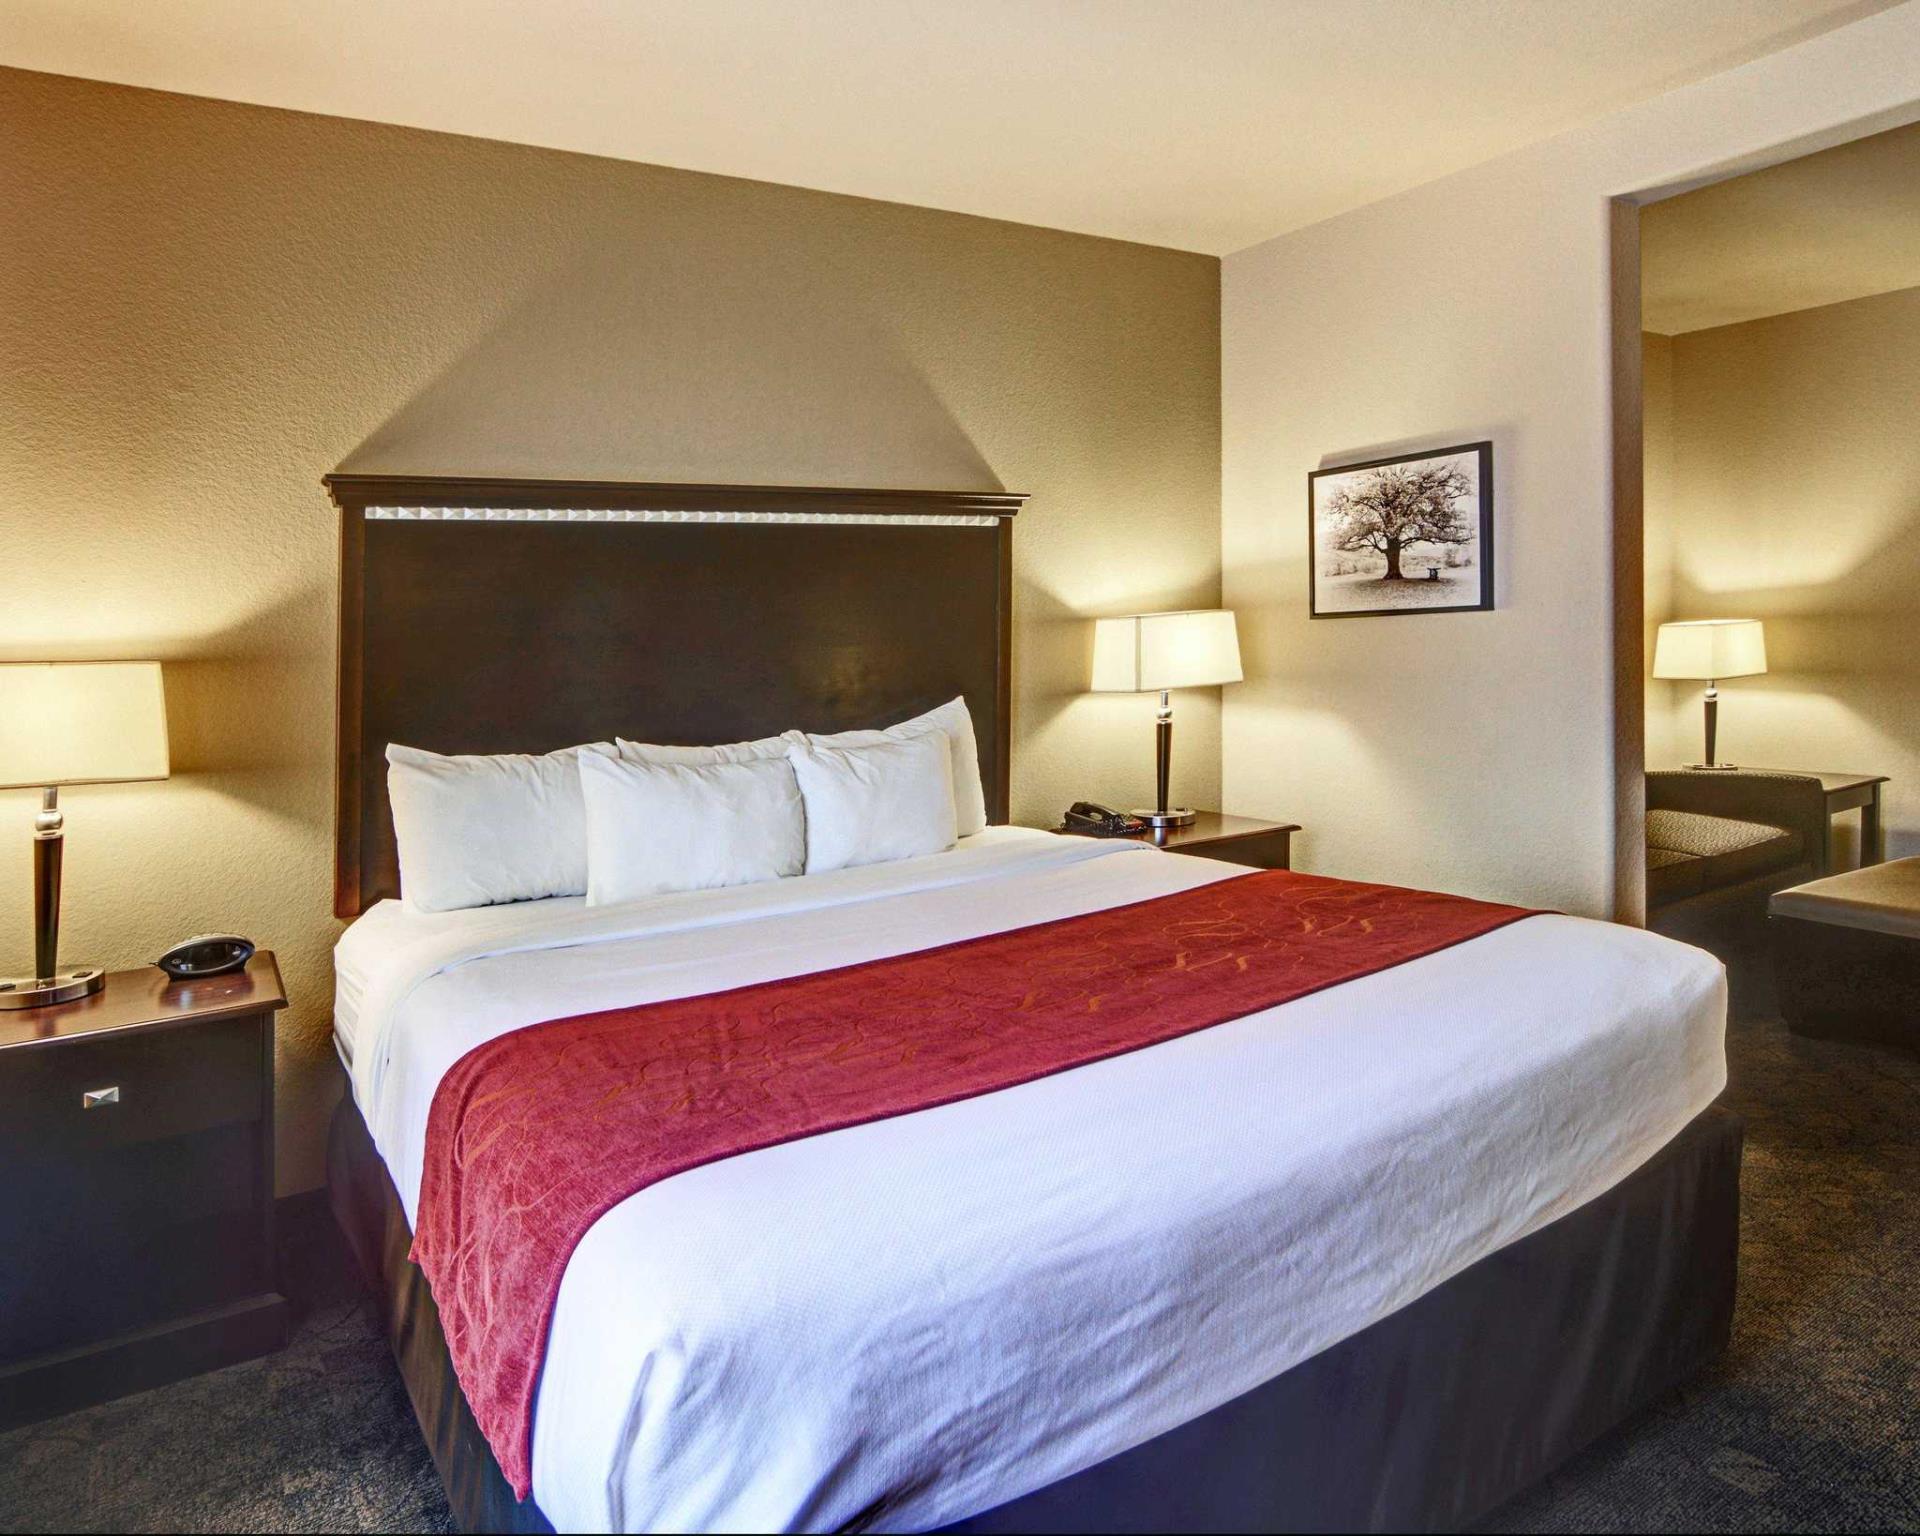 comfort suites arlington tx from 79 save on agoda. Black Bedroom Furniture Sets. Home Design Ideas